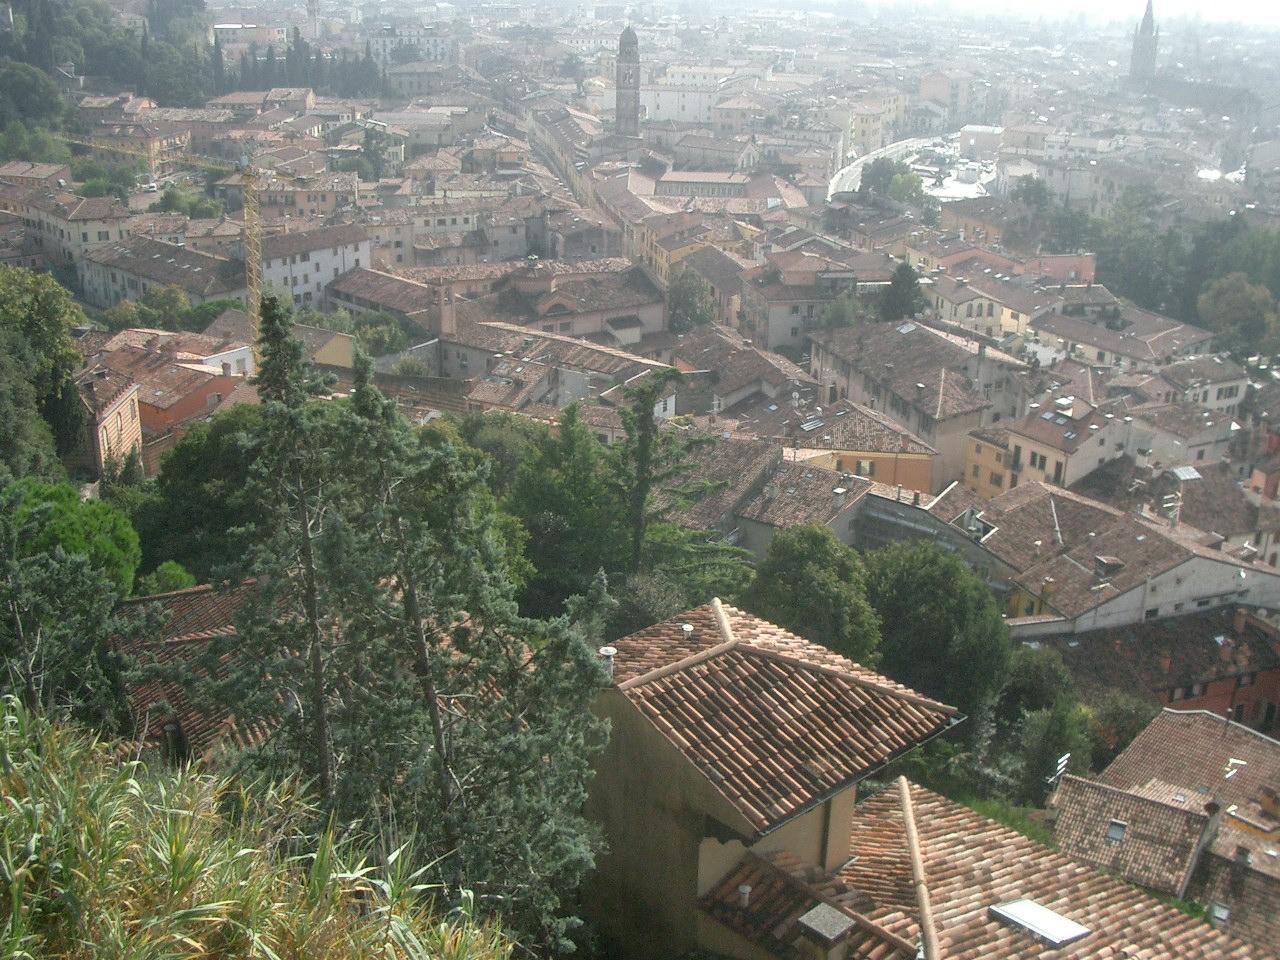 ヴェローナ市街の画像 p1_27